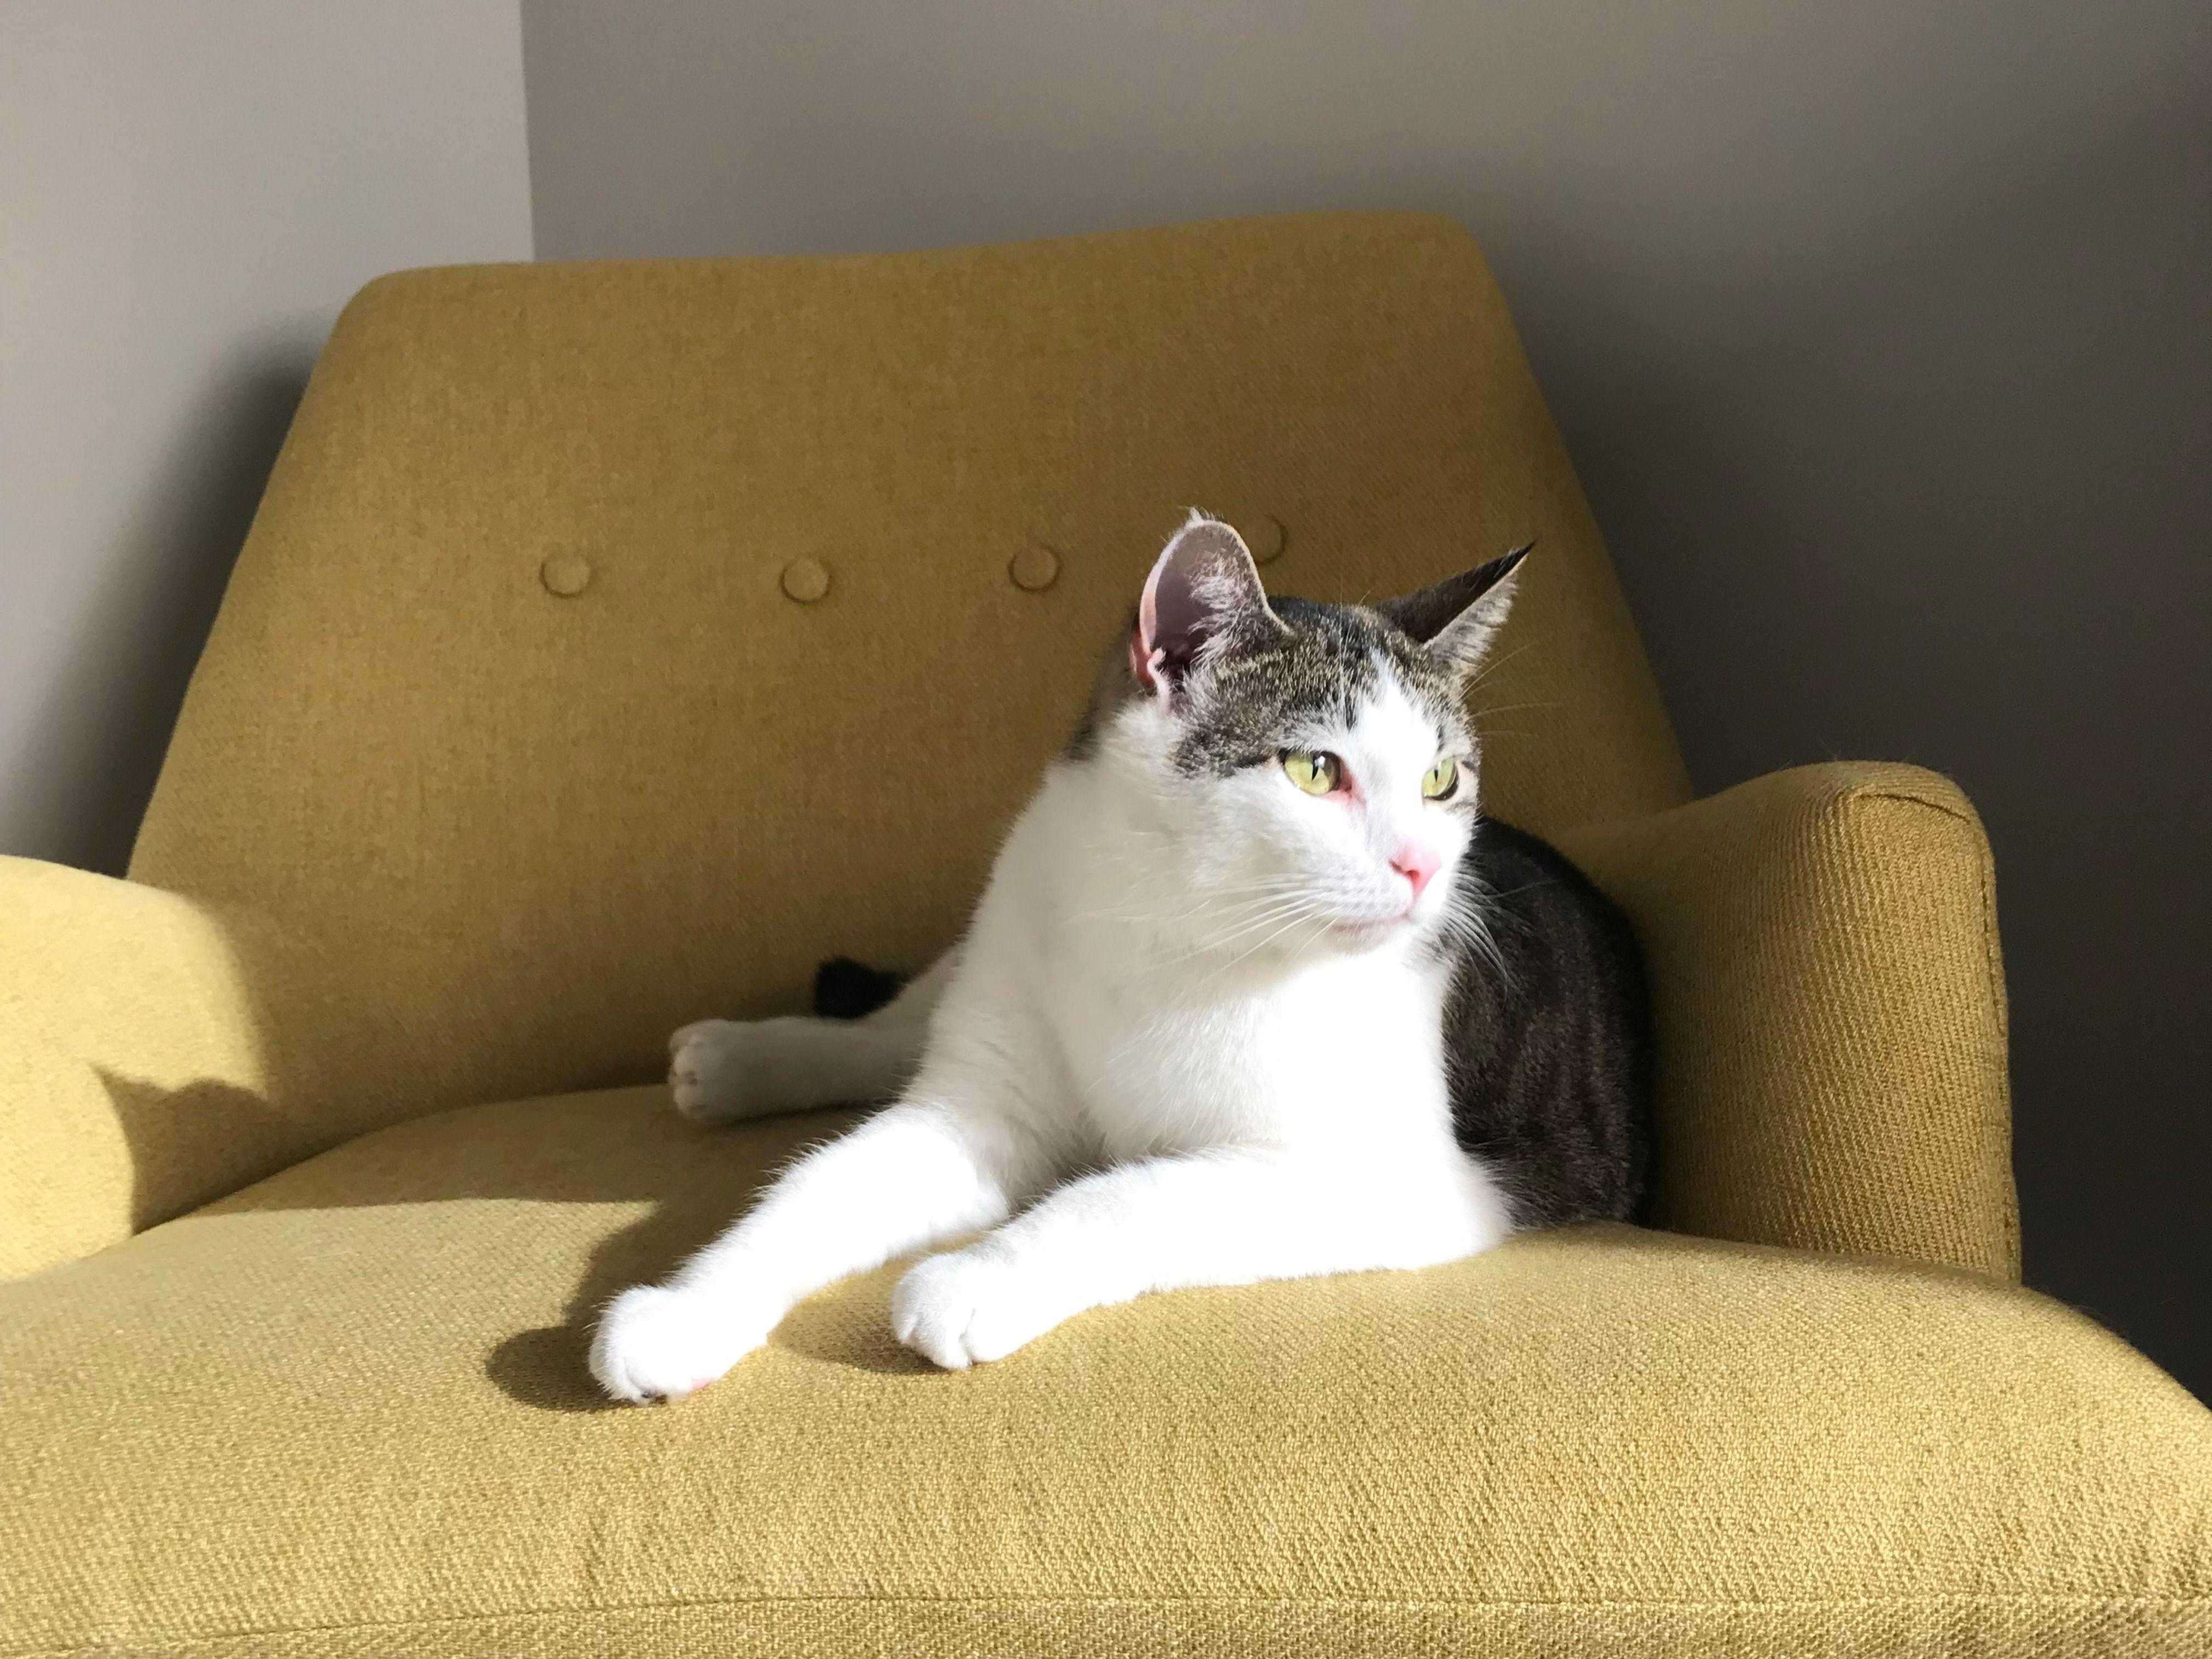 0848ad0610b48a3f0fb7c0148587dba0 - How To Get Rid Of Cat Dander On Furniture